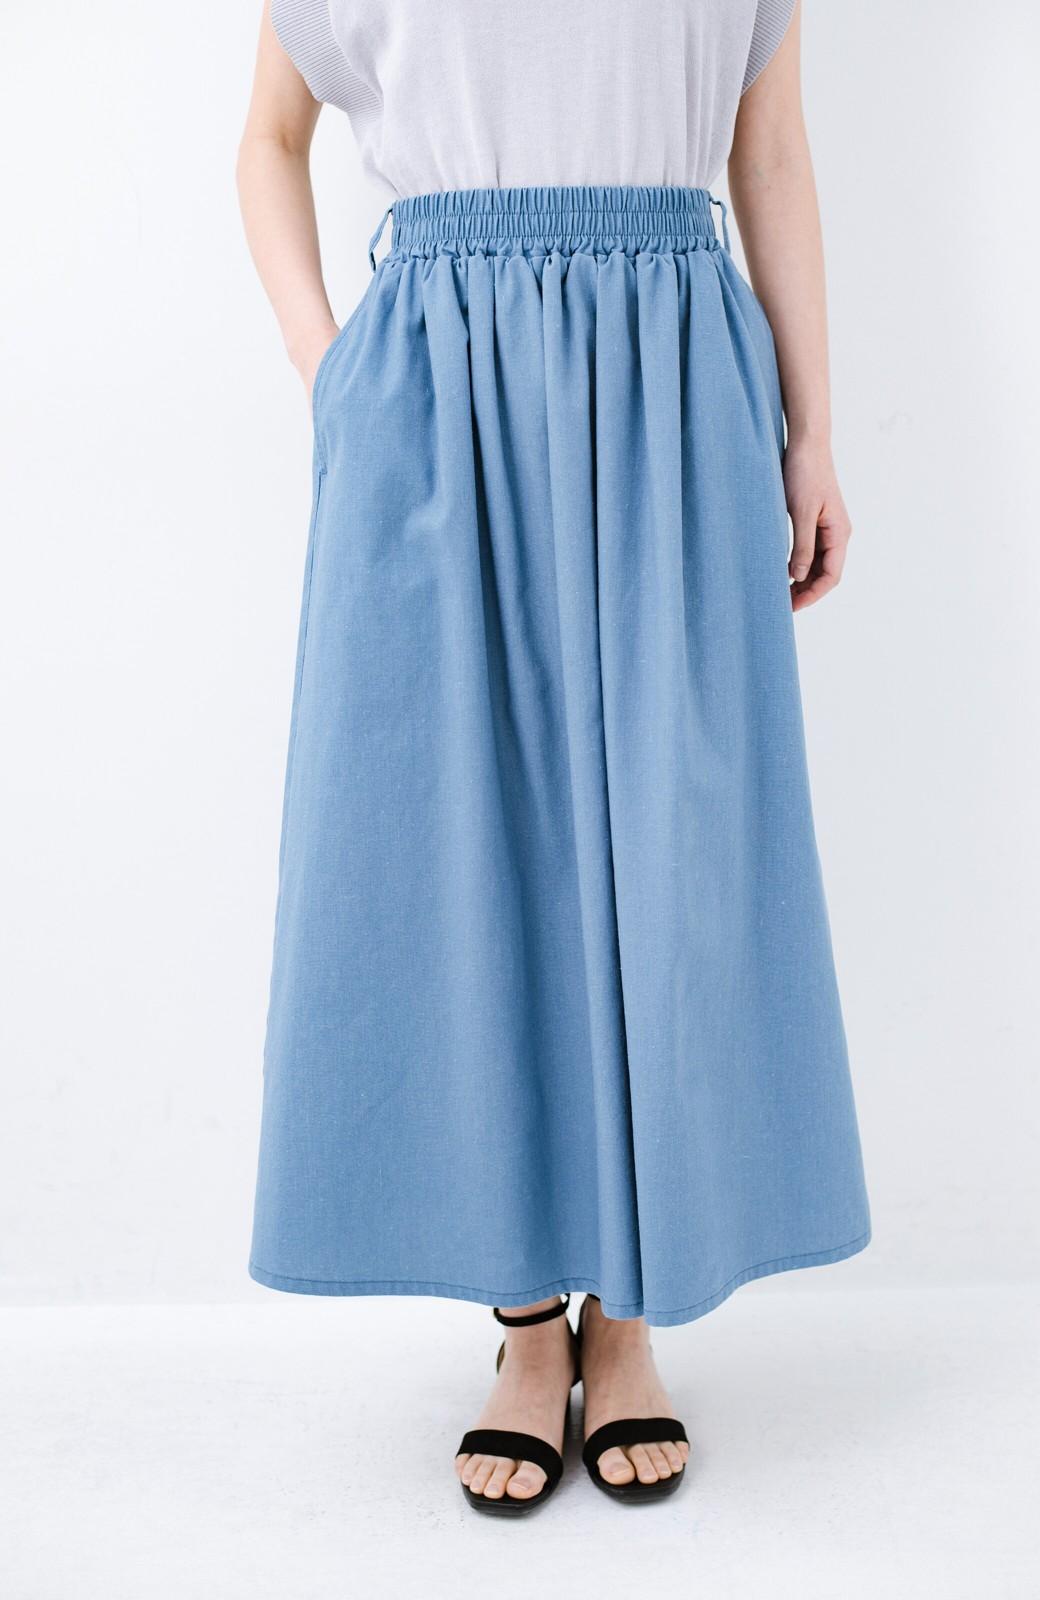 haco! 楽してスタイルが決まる 涼やか麻混スカート <ライトブルー>の商品写真5